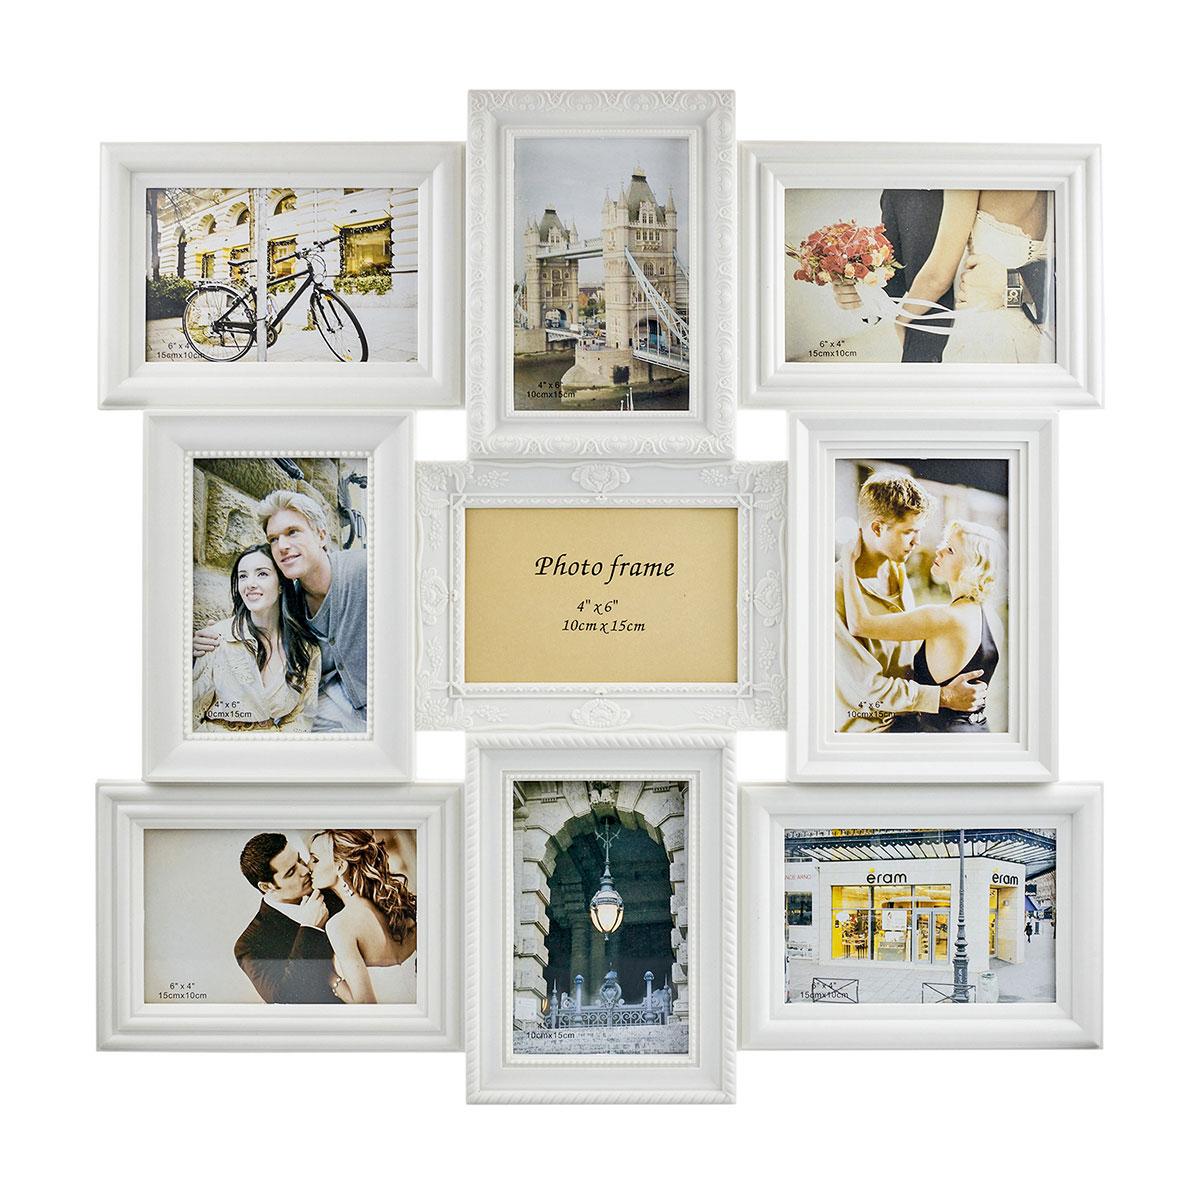 Bilderrahmen, Fotorahmen, Barock, Antik, Portraitrahmen, Fotocollage ...